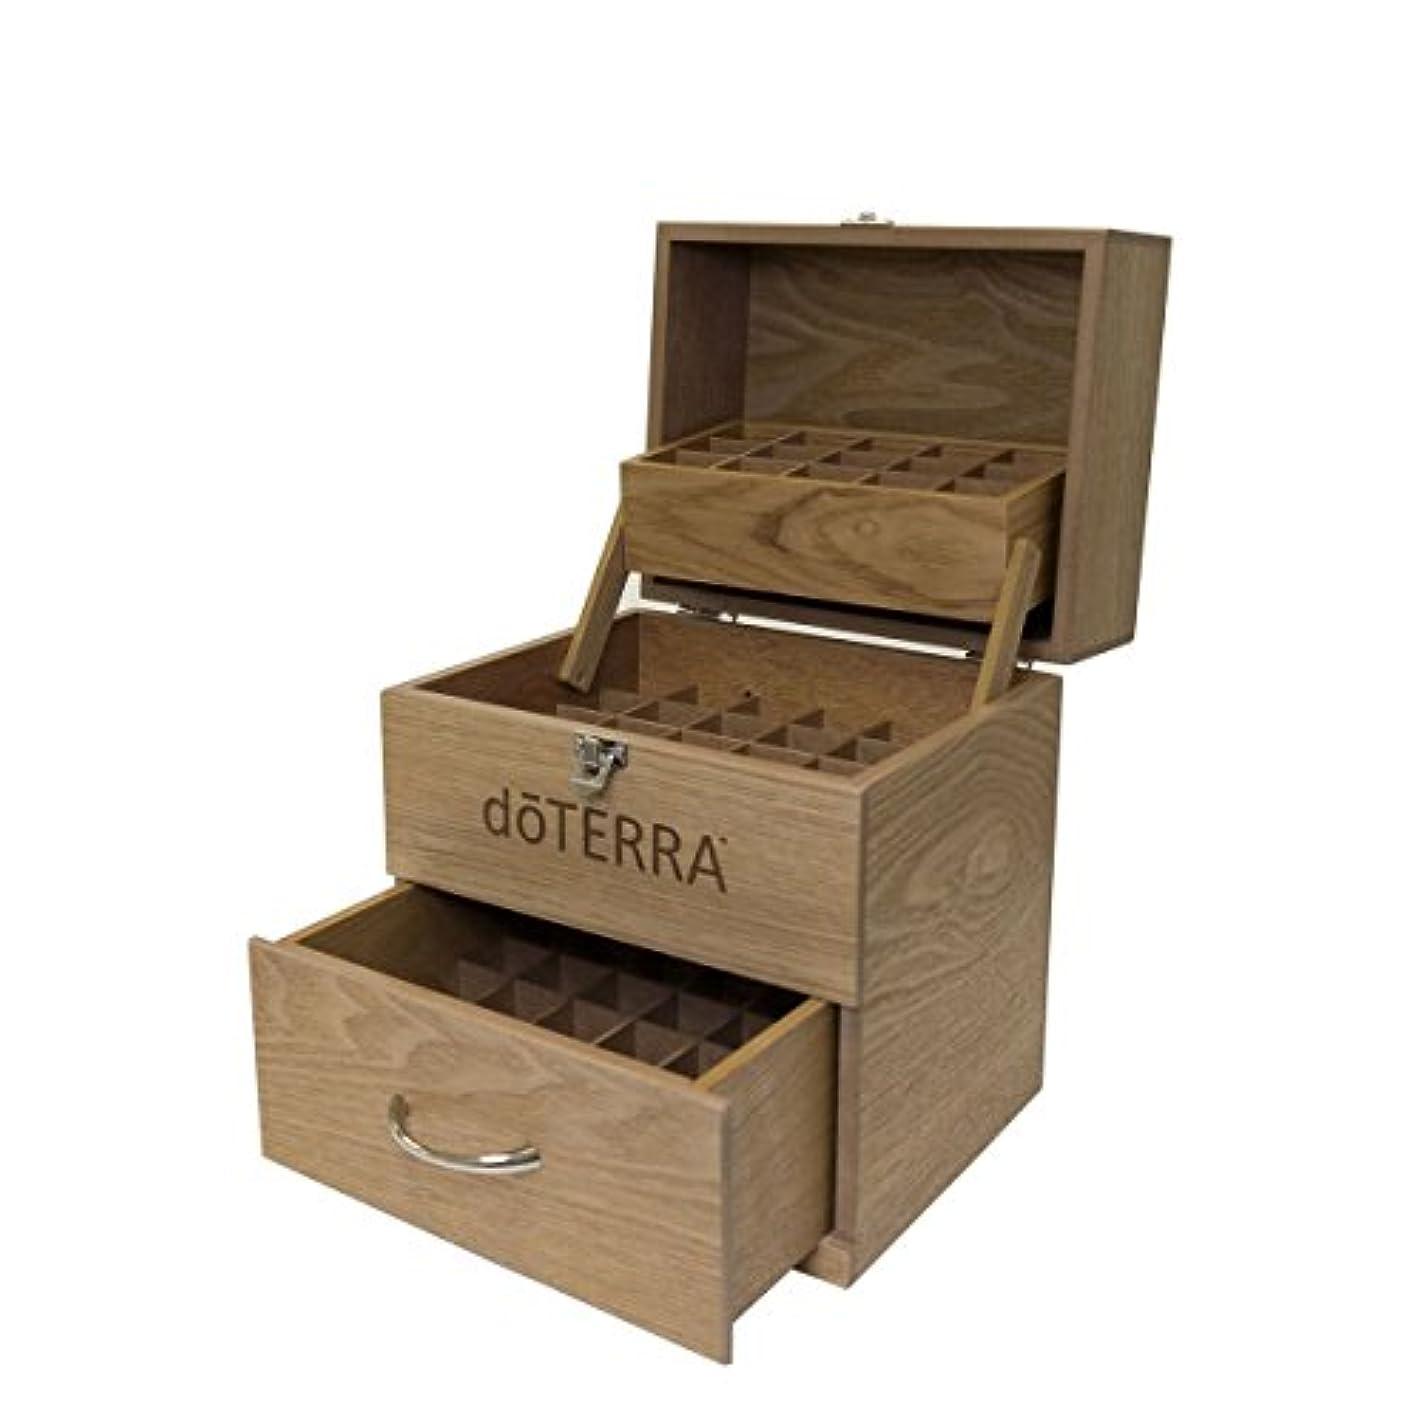 バージン皮肉広告主(ドテラ) doTERRA ウッドボックス ライトブラウン 窓付き 木箱 エッセンシャルオイル 精油 整理箱 3段ボックス 75本